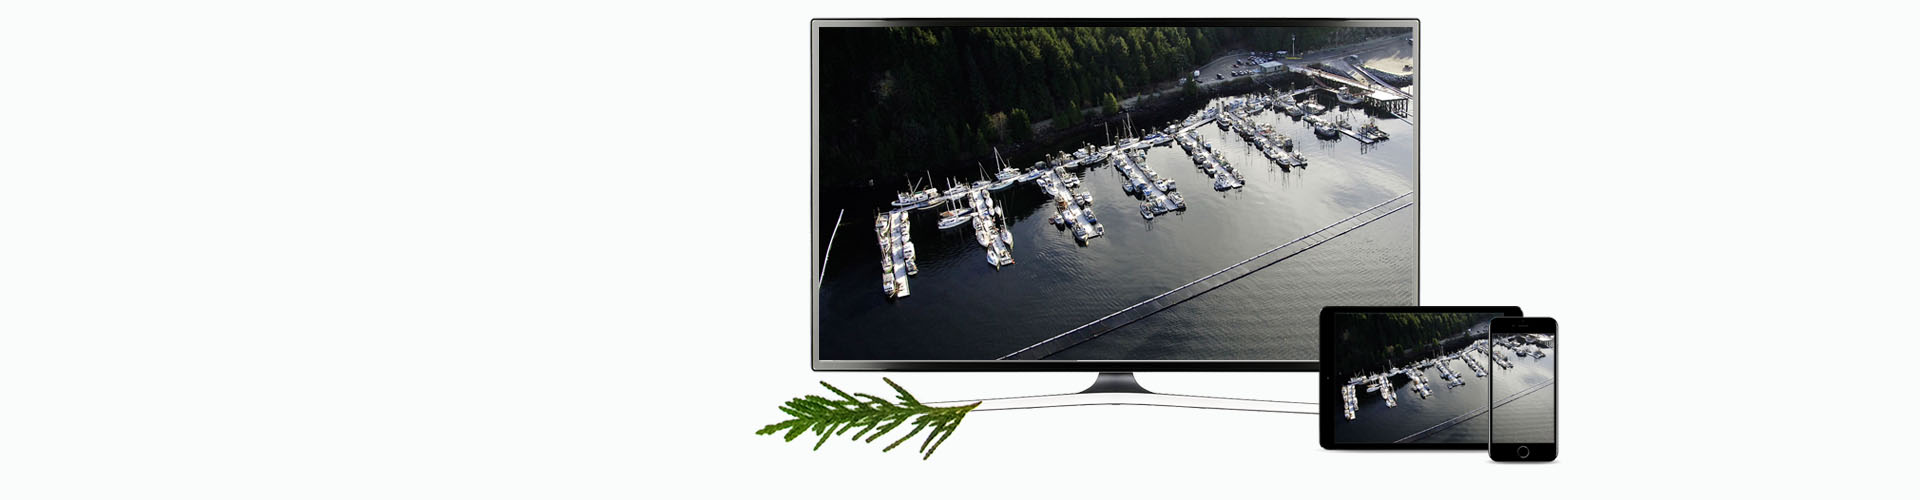 New TV Banner Prince Rupert 2